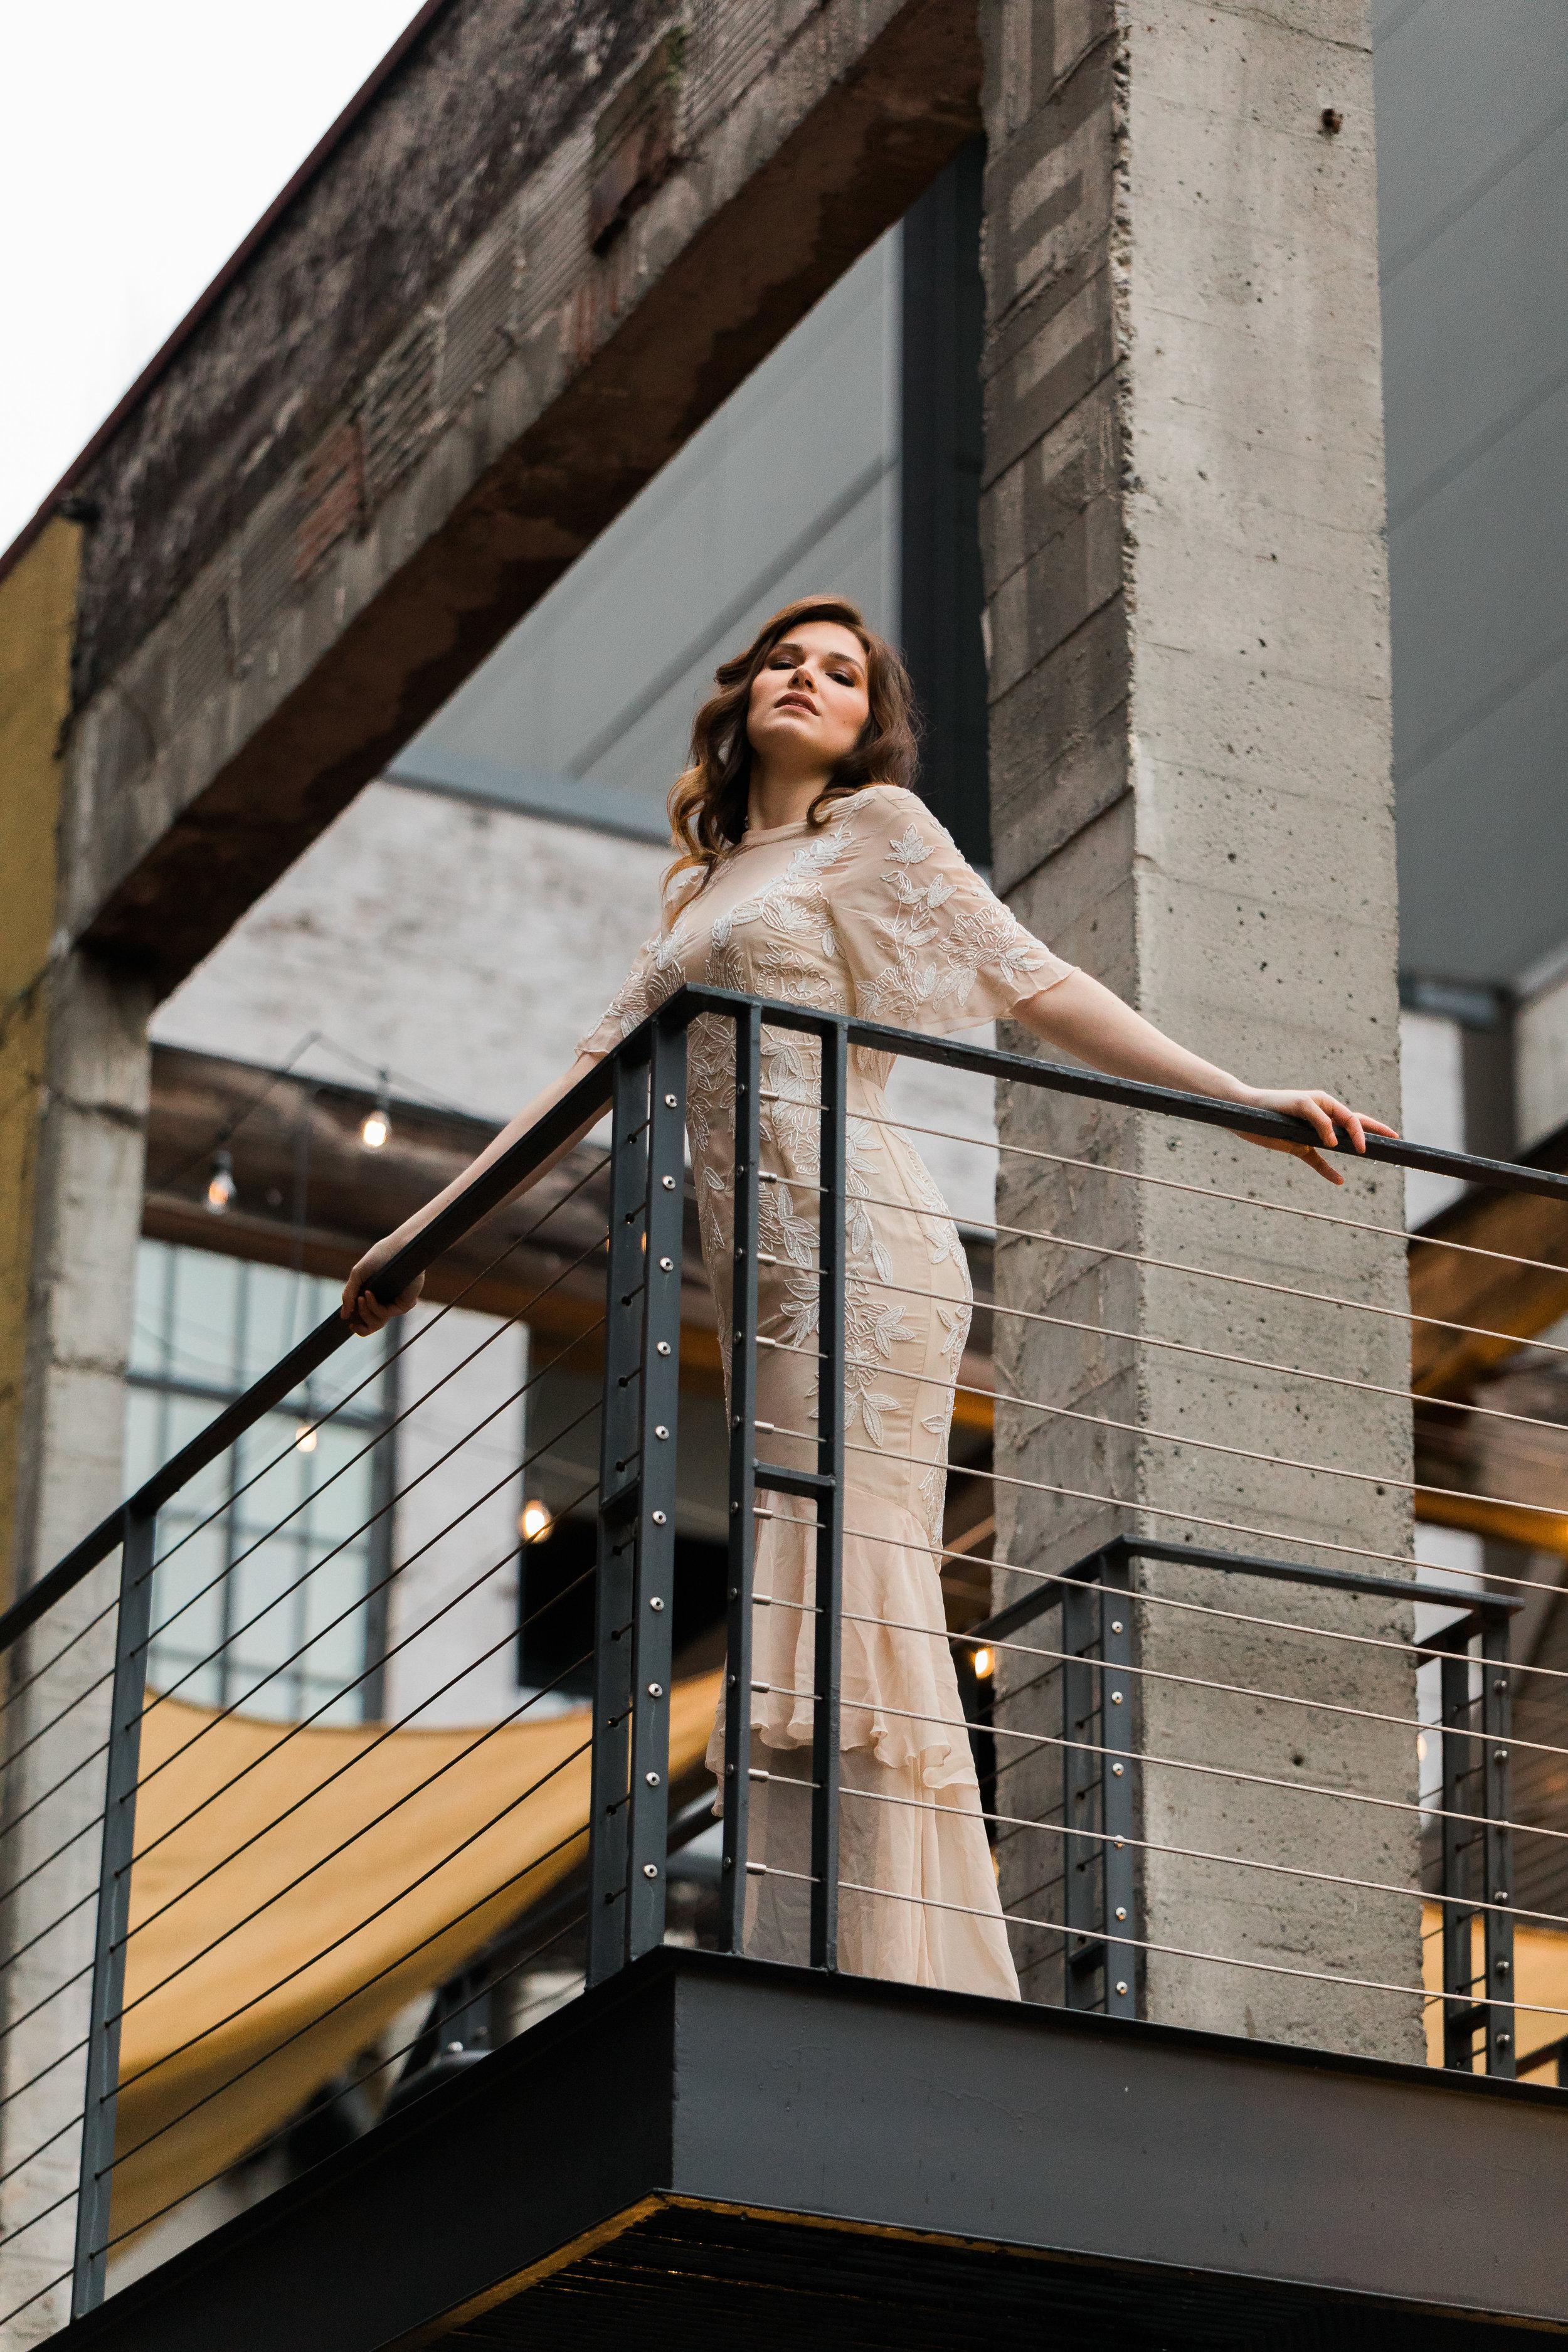 Styled-Bridal-Session-Seattle-Washington-Tara-Nichole-Photo-11.jpg